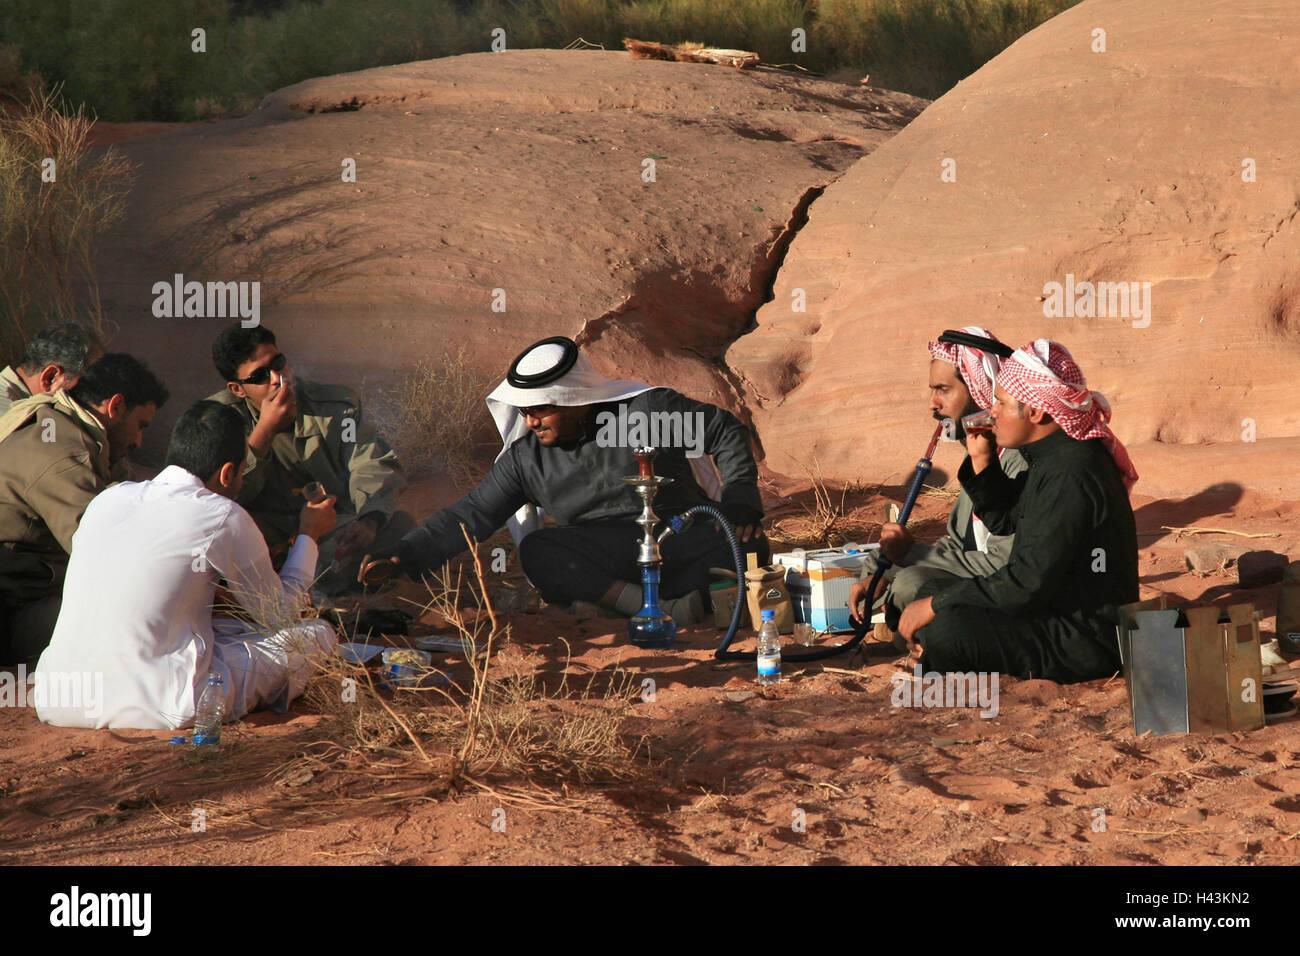 Arabia Saudita, provincia Asir, Hisma-mundo montañoso, hombres, descanso, agua, humo, silbatos Imagen De Stock